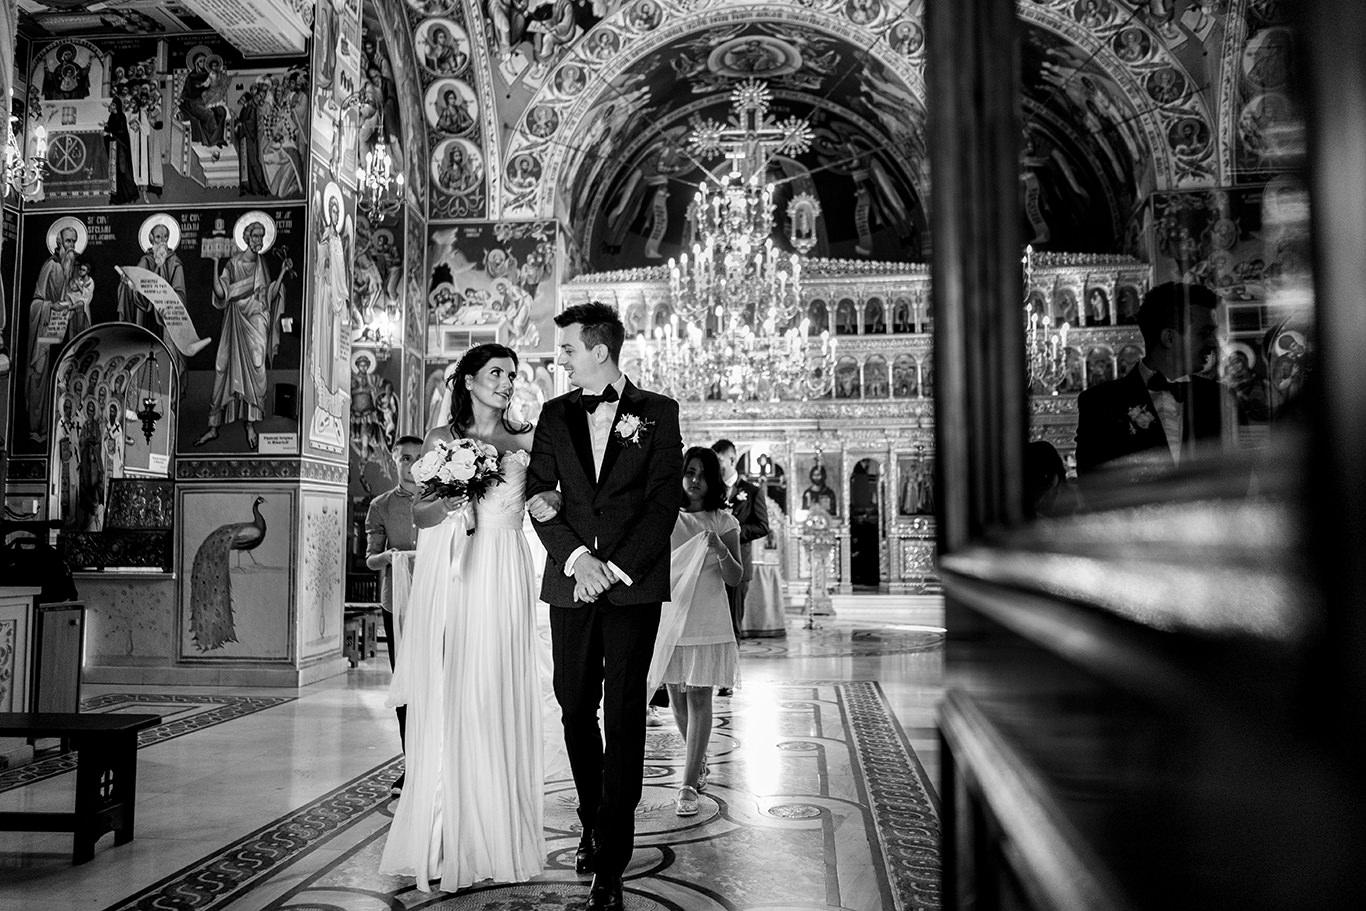 Iesire din biserica la nunta - fotograf Ciprian Dumitrescu